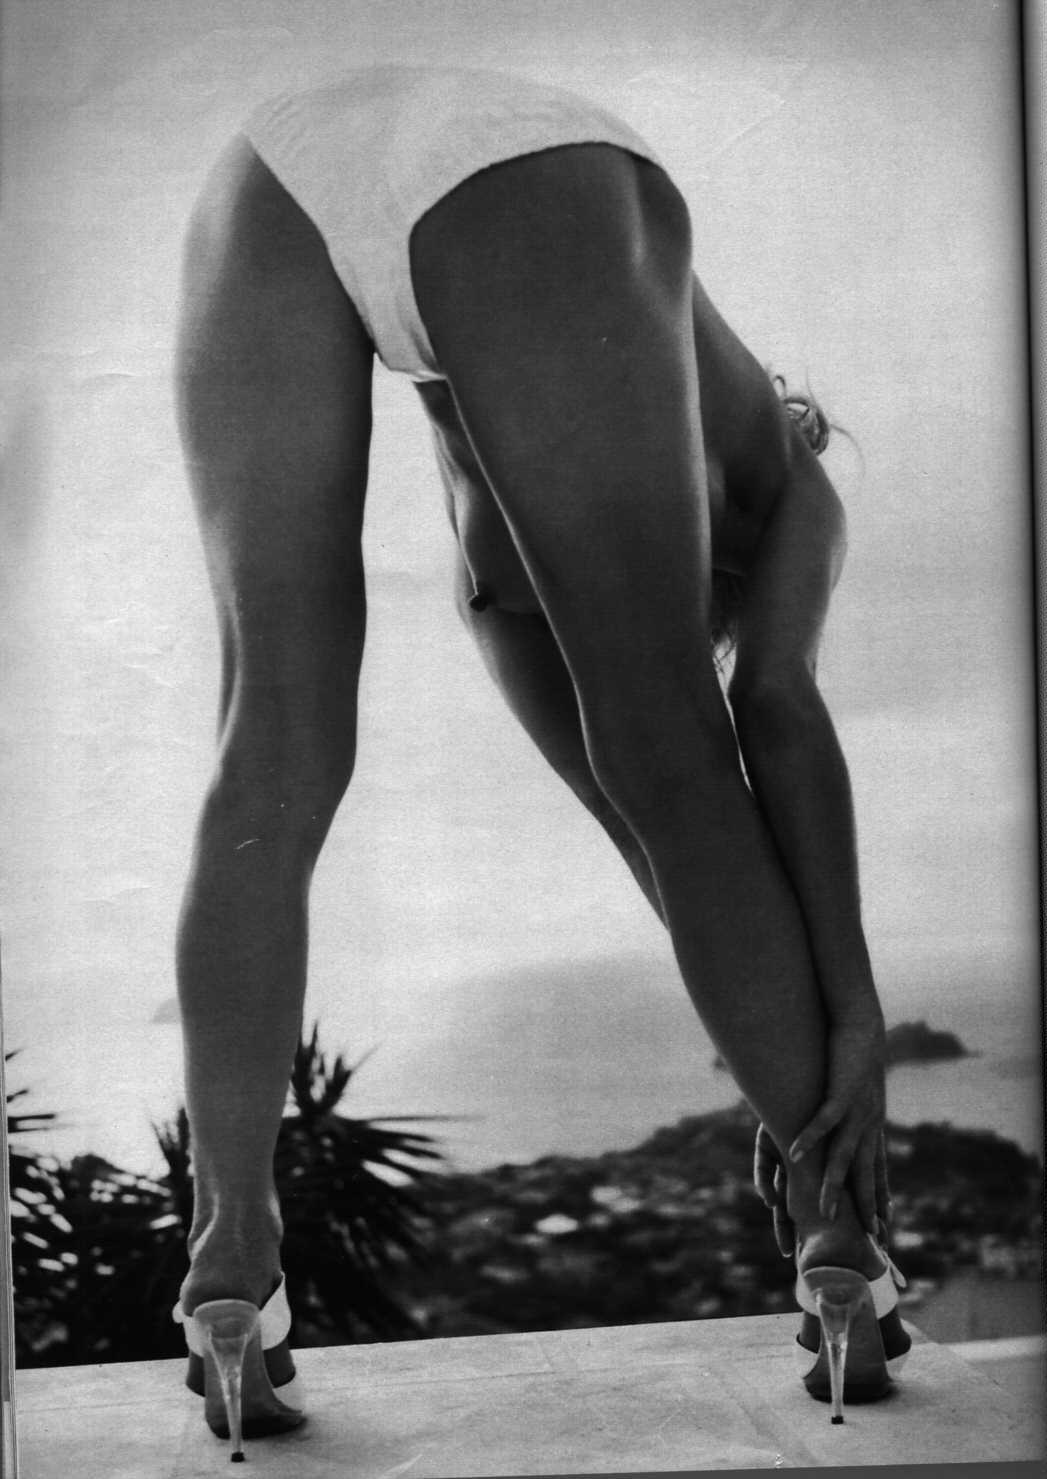 hot nude women doing sexual activities